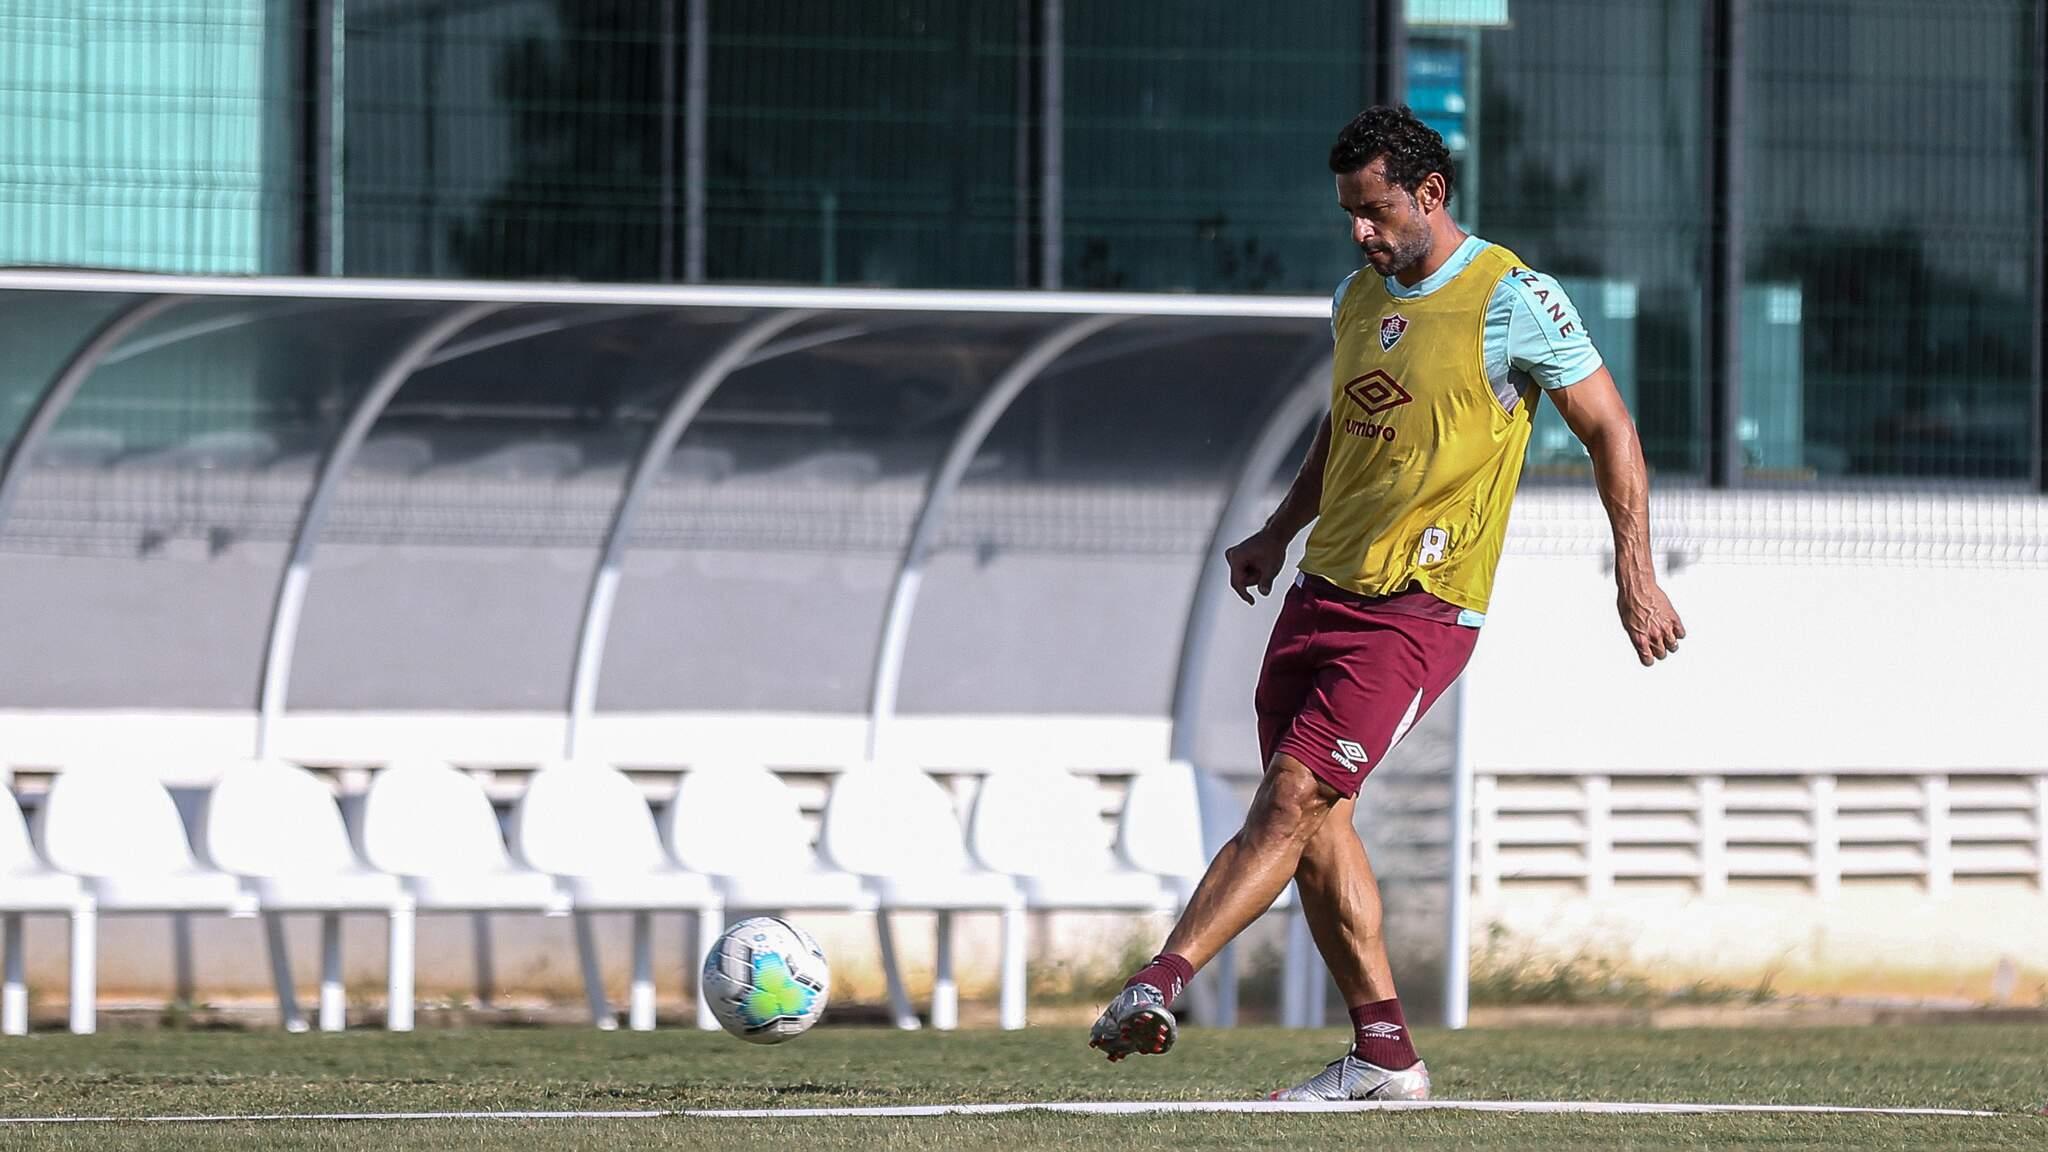 Atacante Fred, do Fluminense, em treino com bola (Foto: Divulgação)